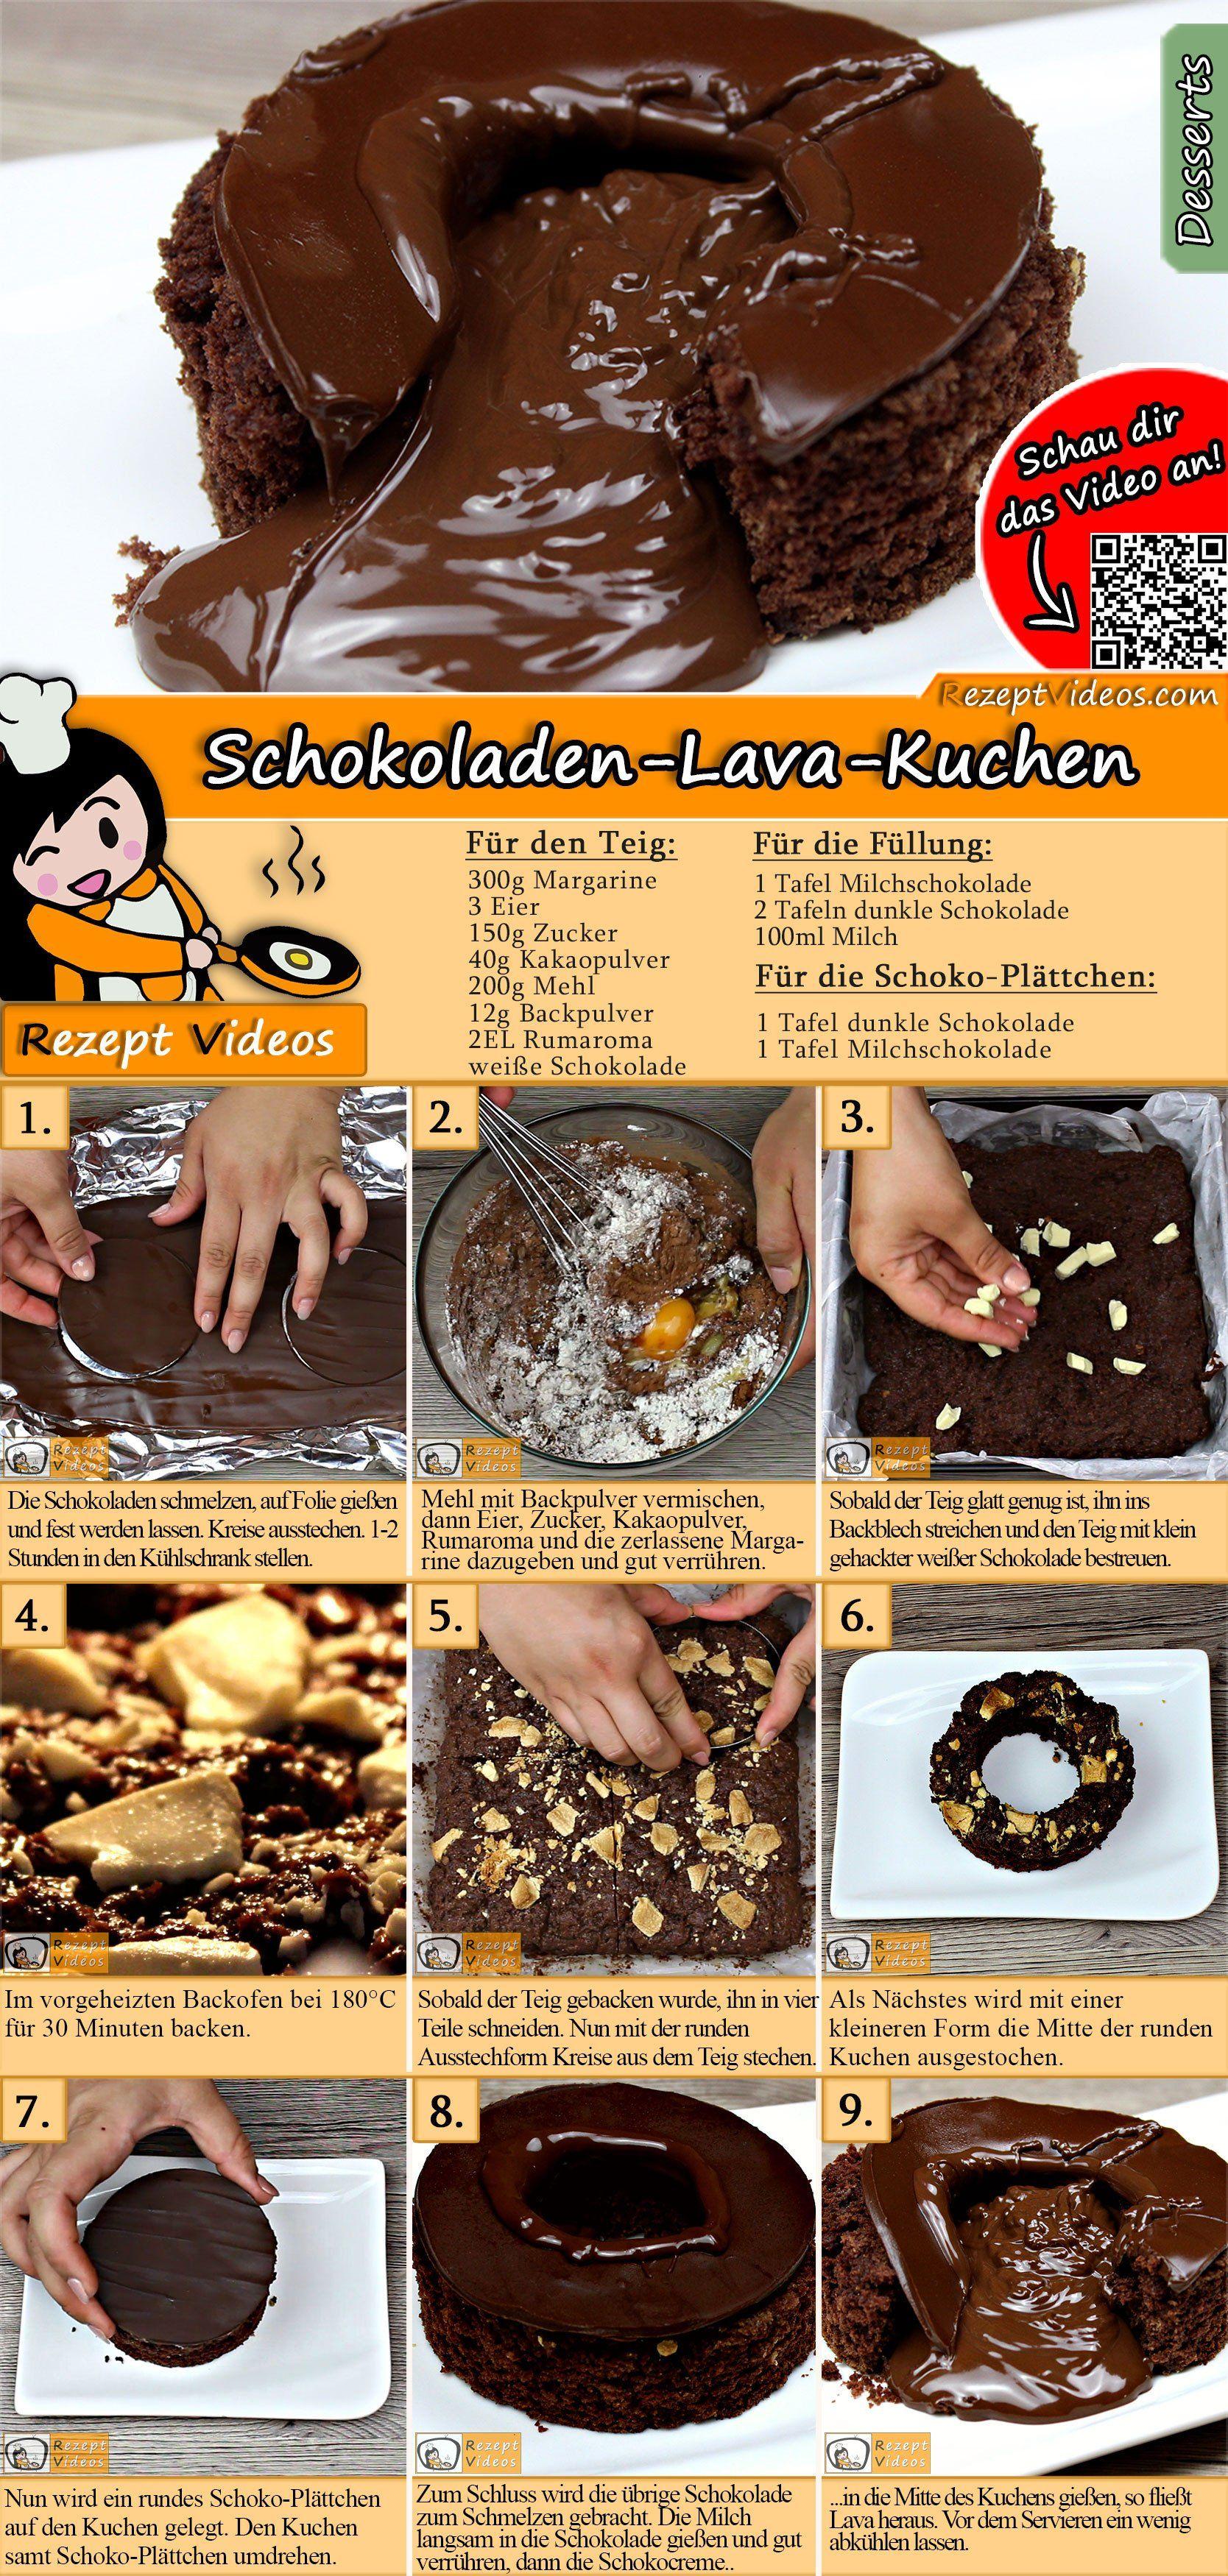 Schokoladen-Lava-Kuchen Rezept mit Video - Kuchenrezept/ Backrezepte